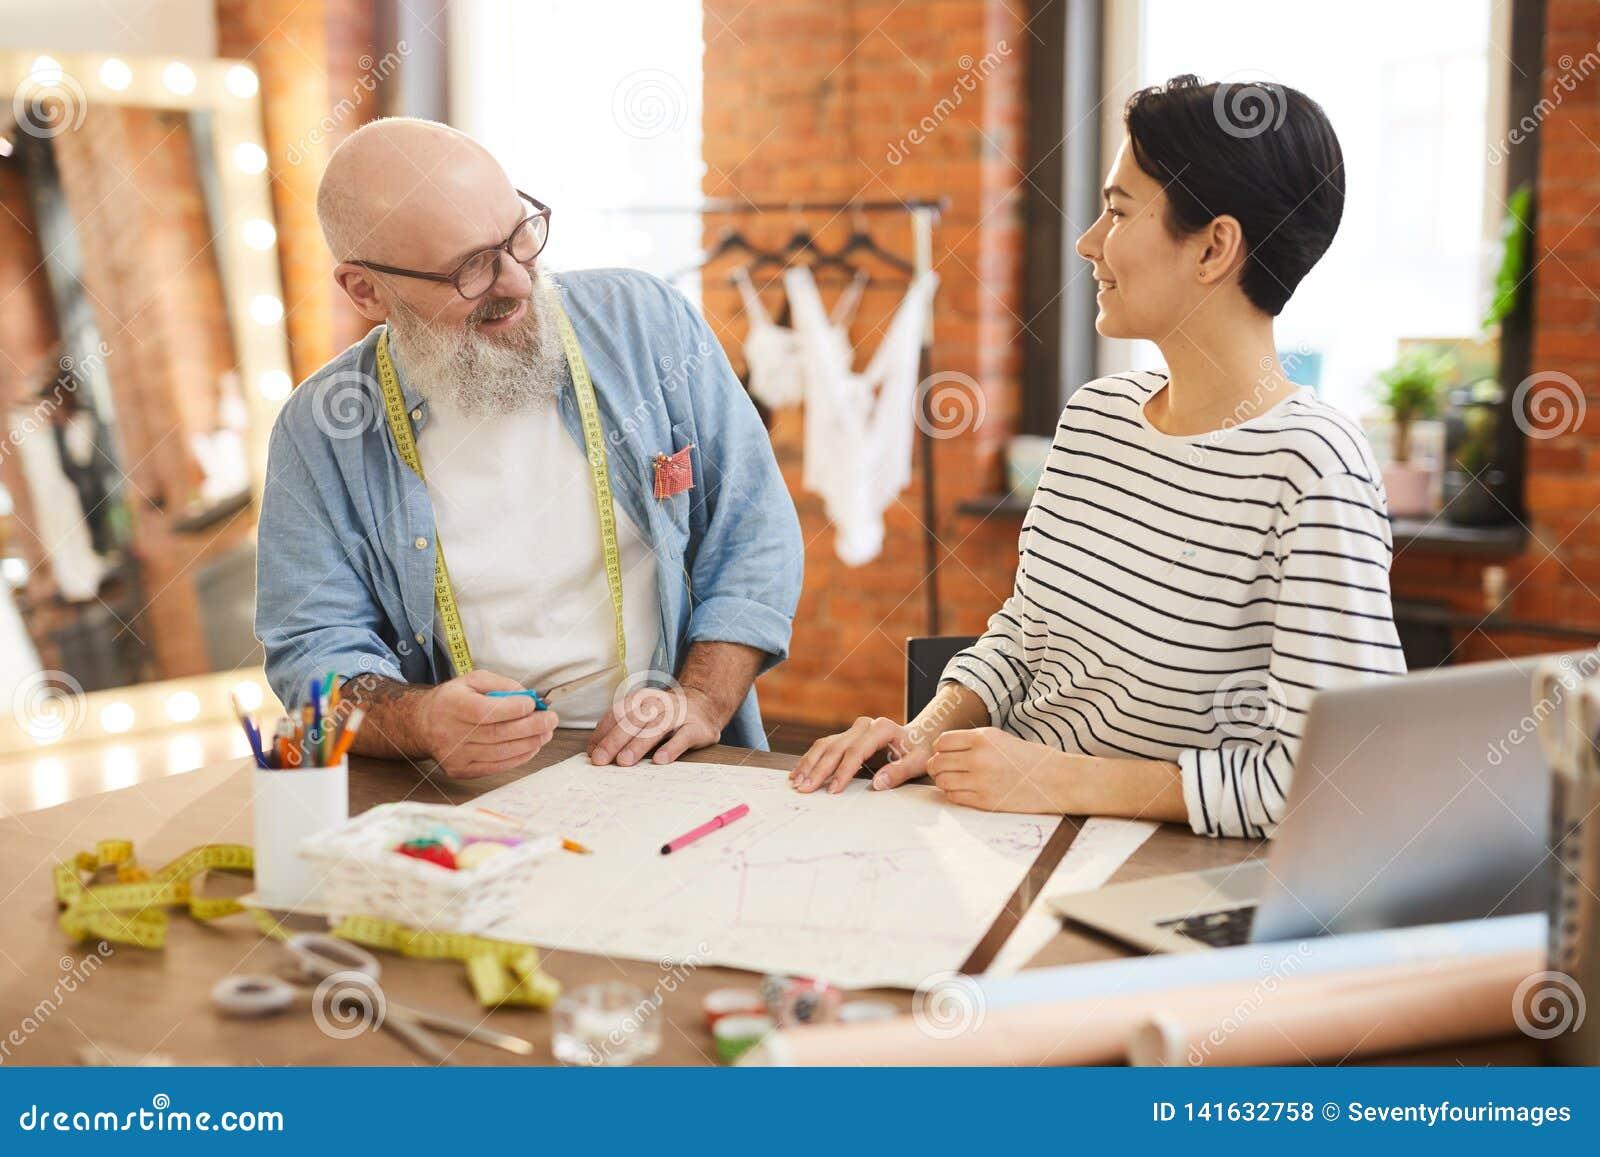 bd792999f9 Hombres maduros y mujeres jovenes en el casualwear que tiene discusión de  la nueva colección de la moda por el escritorio en la adaptación de la  tienda